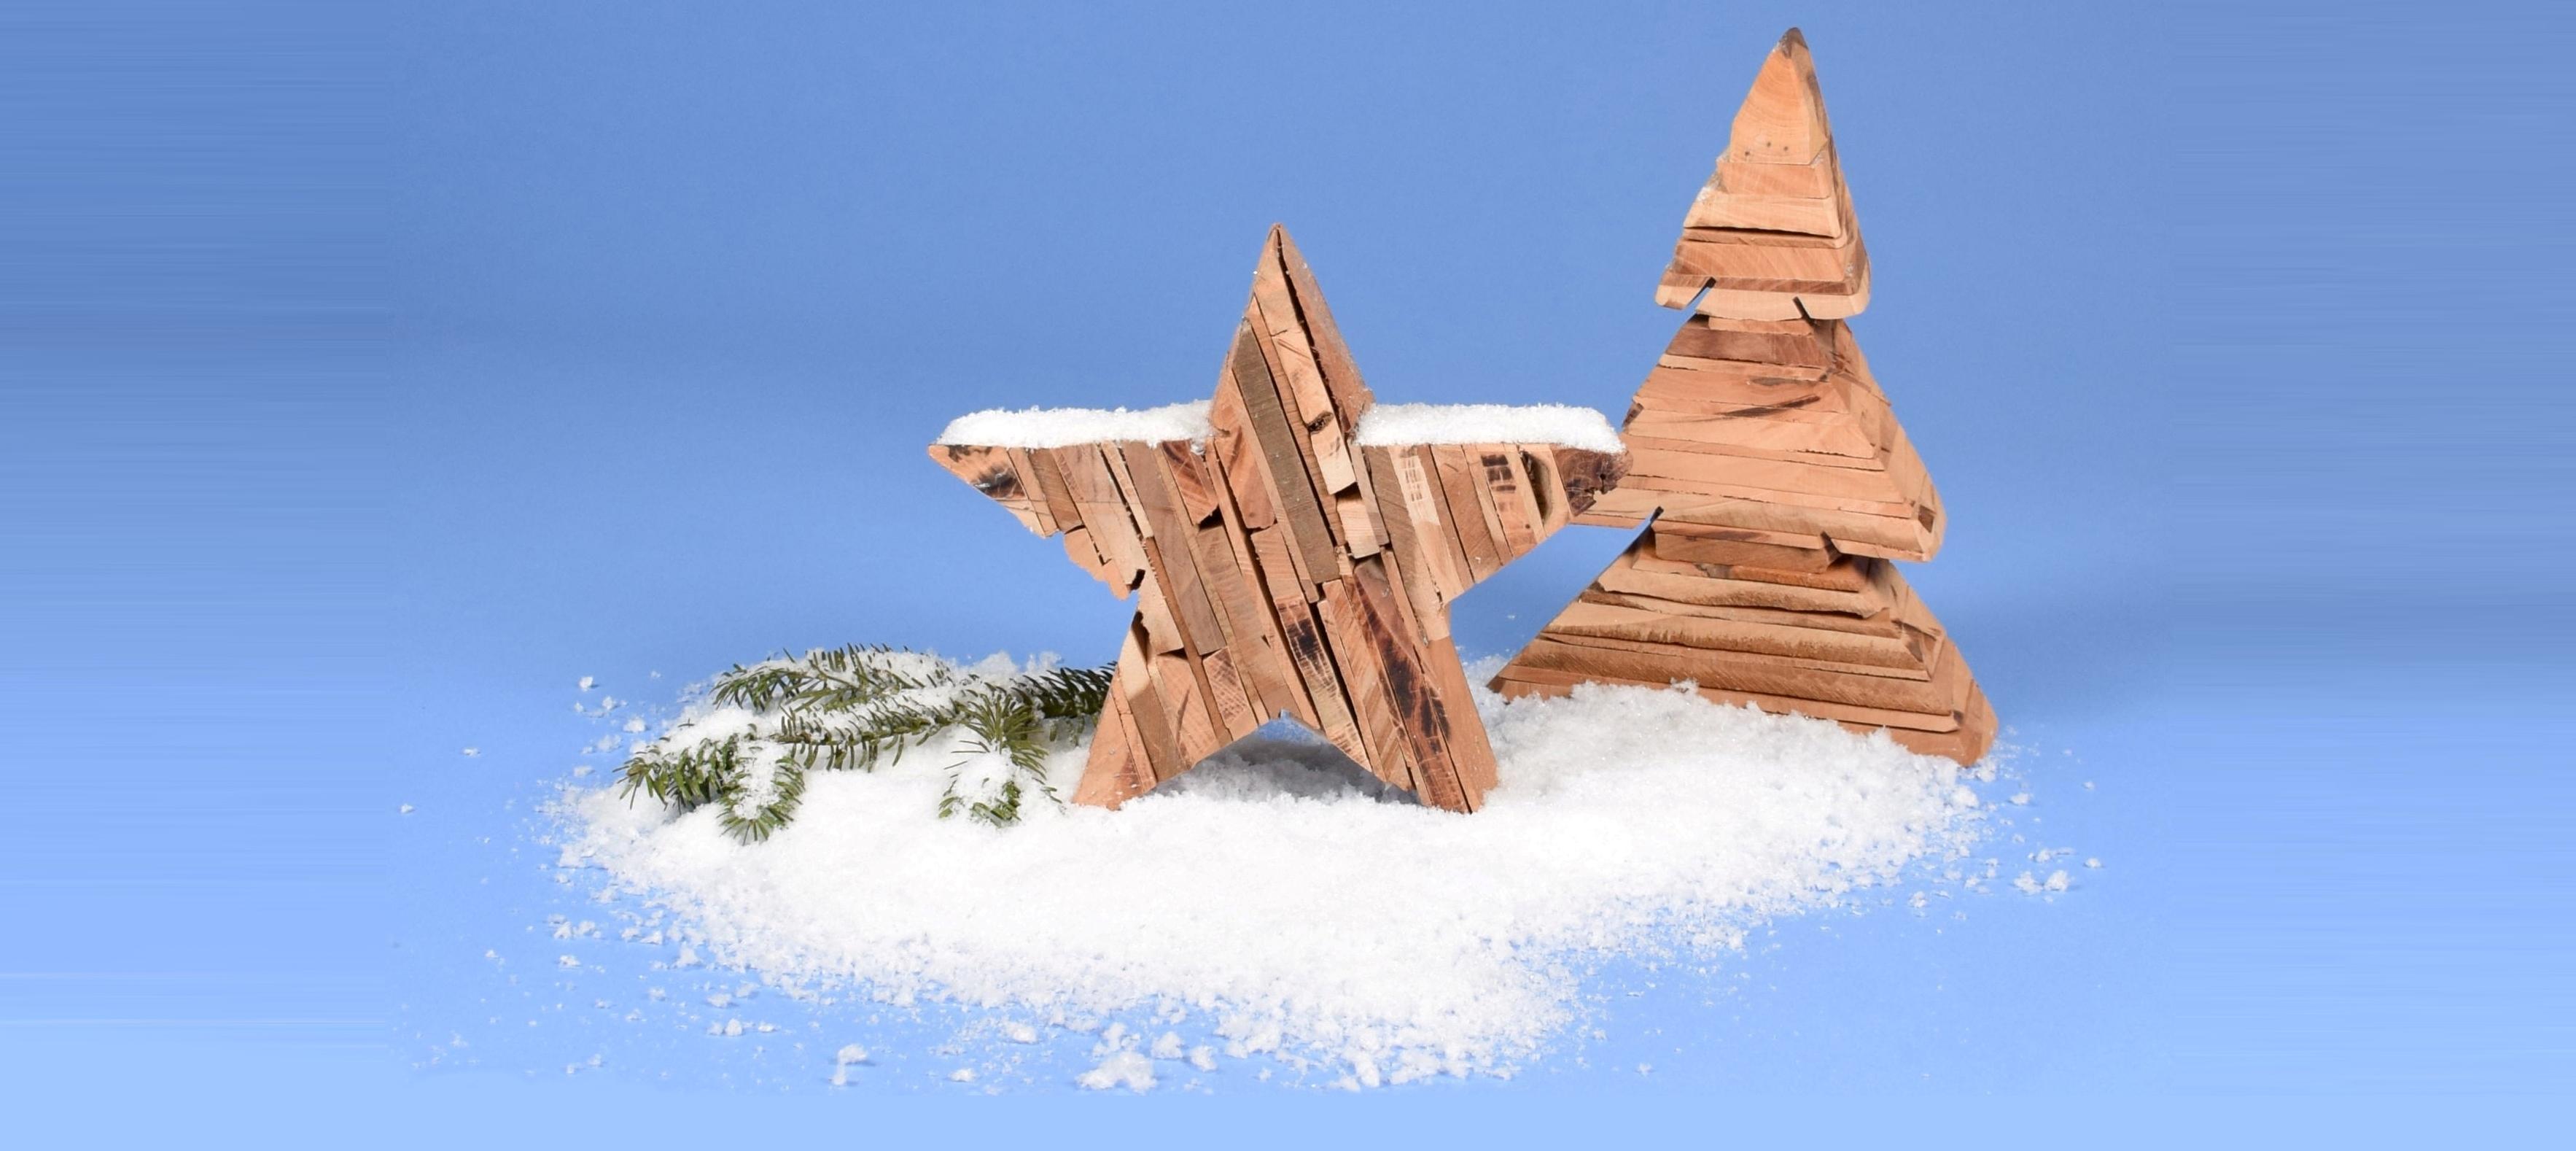 Dekoration für Winter, Weihnachten & Halloween